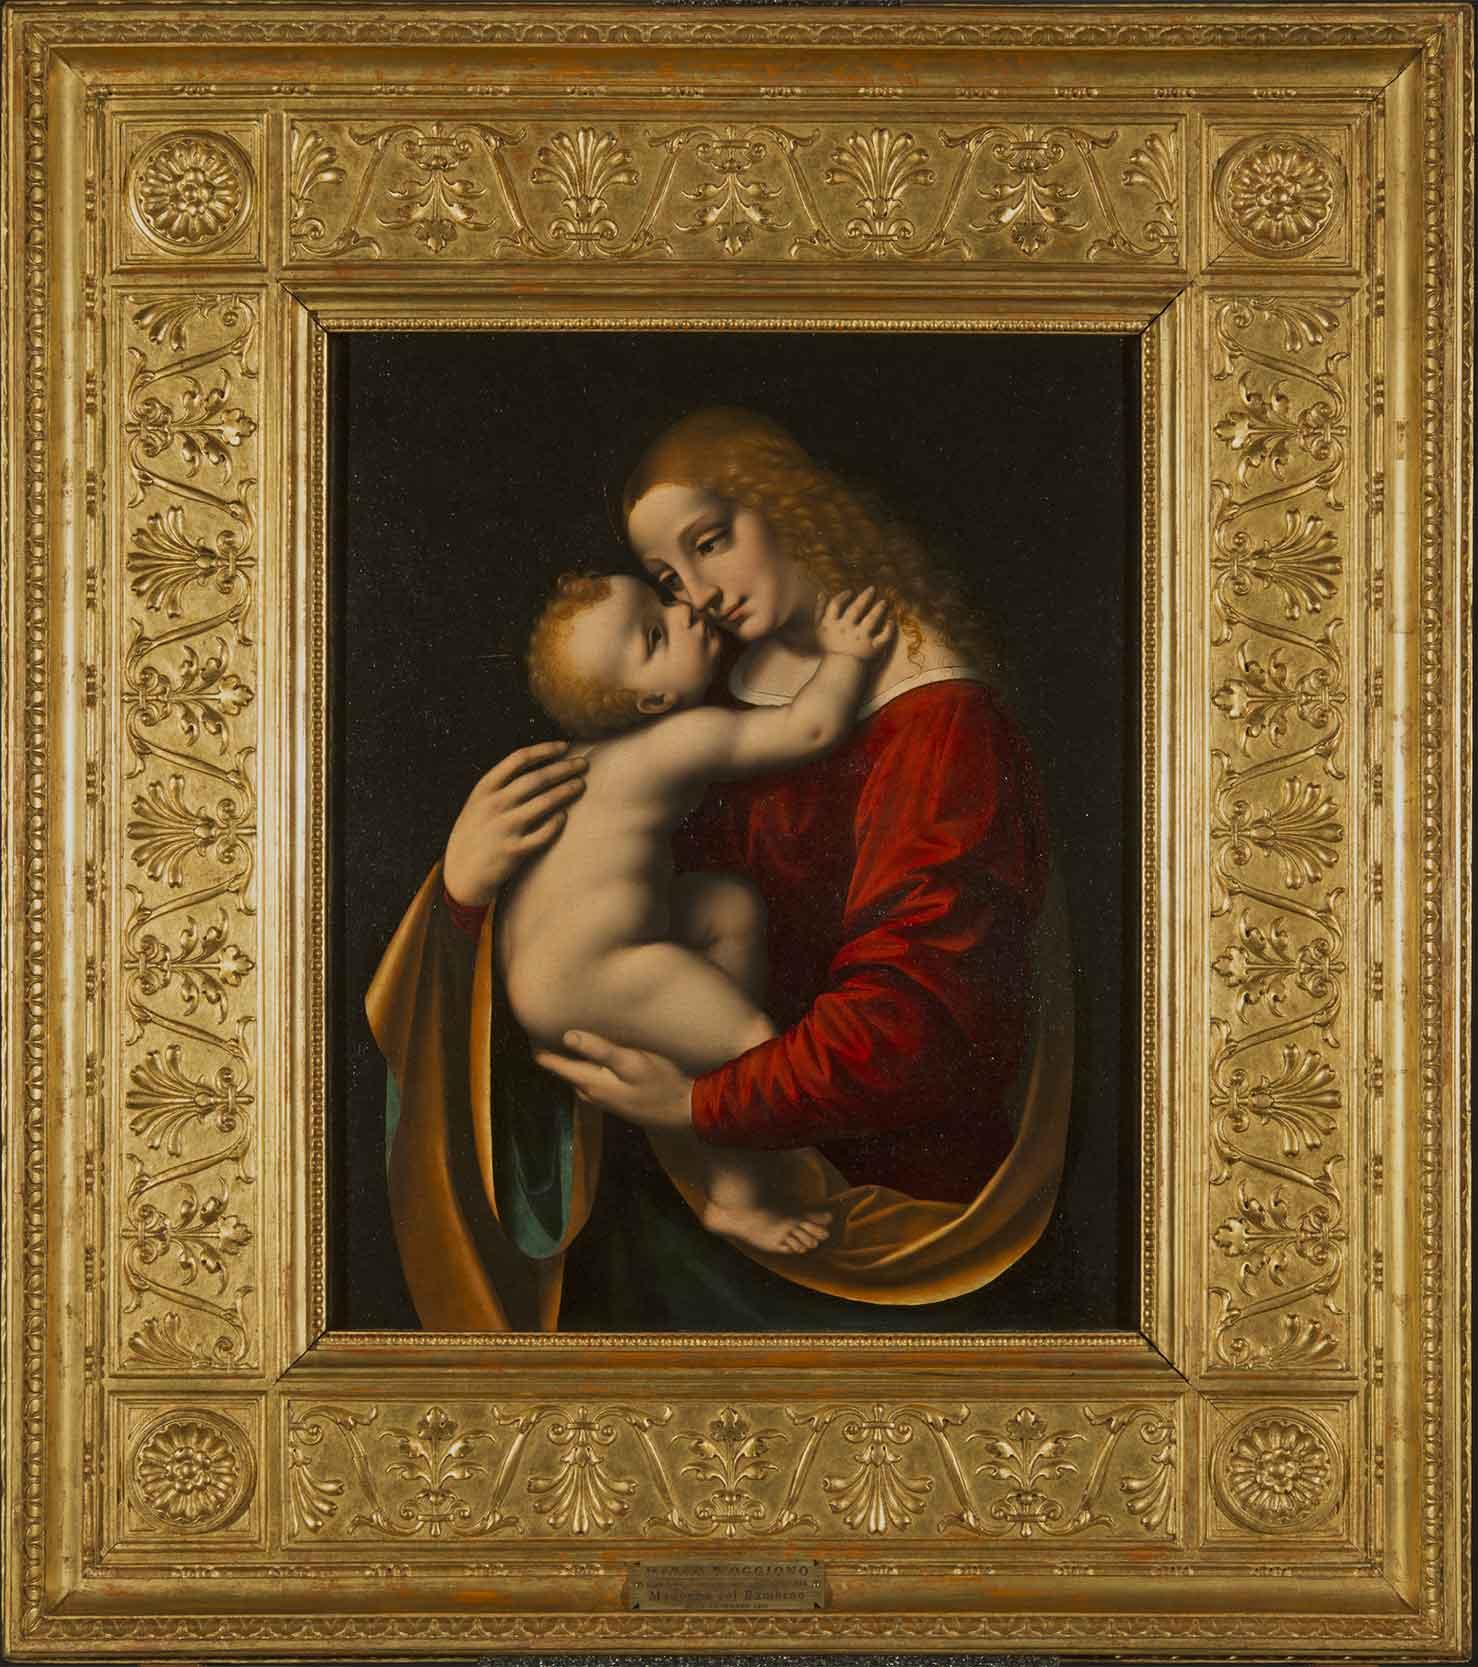 Pinacoteca-di-Brera-Restauro-Marco-dOggiono-Madonna-con-Bambino-cornice